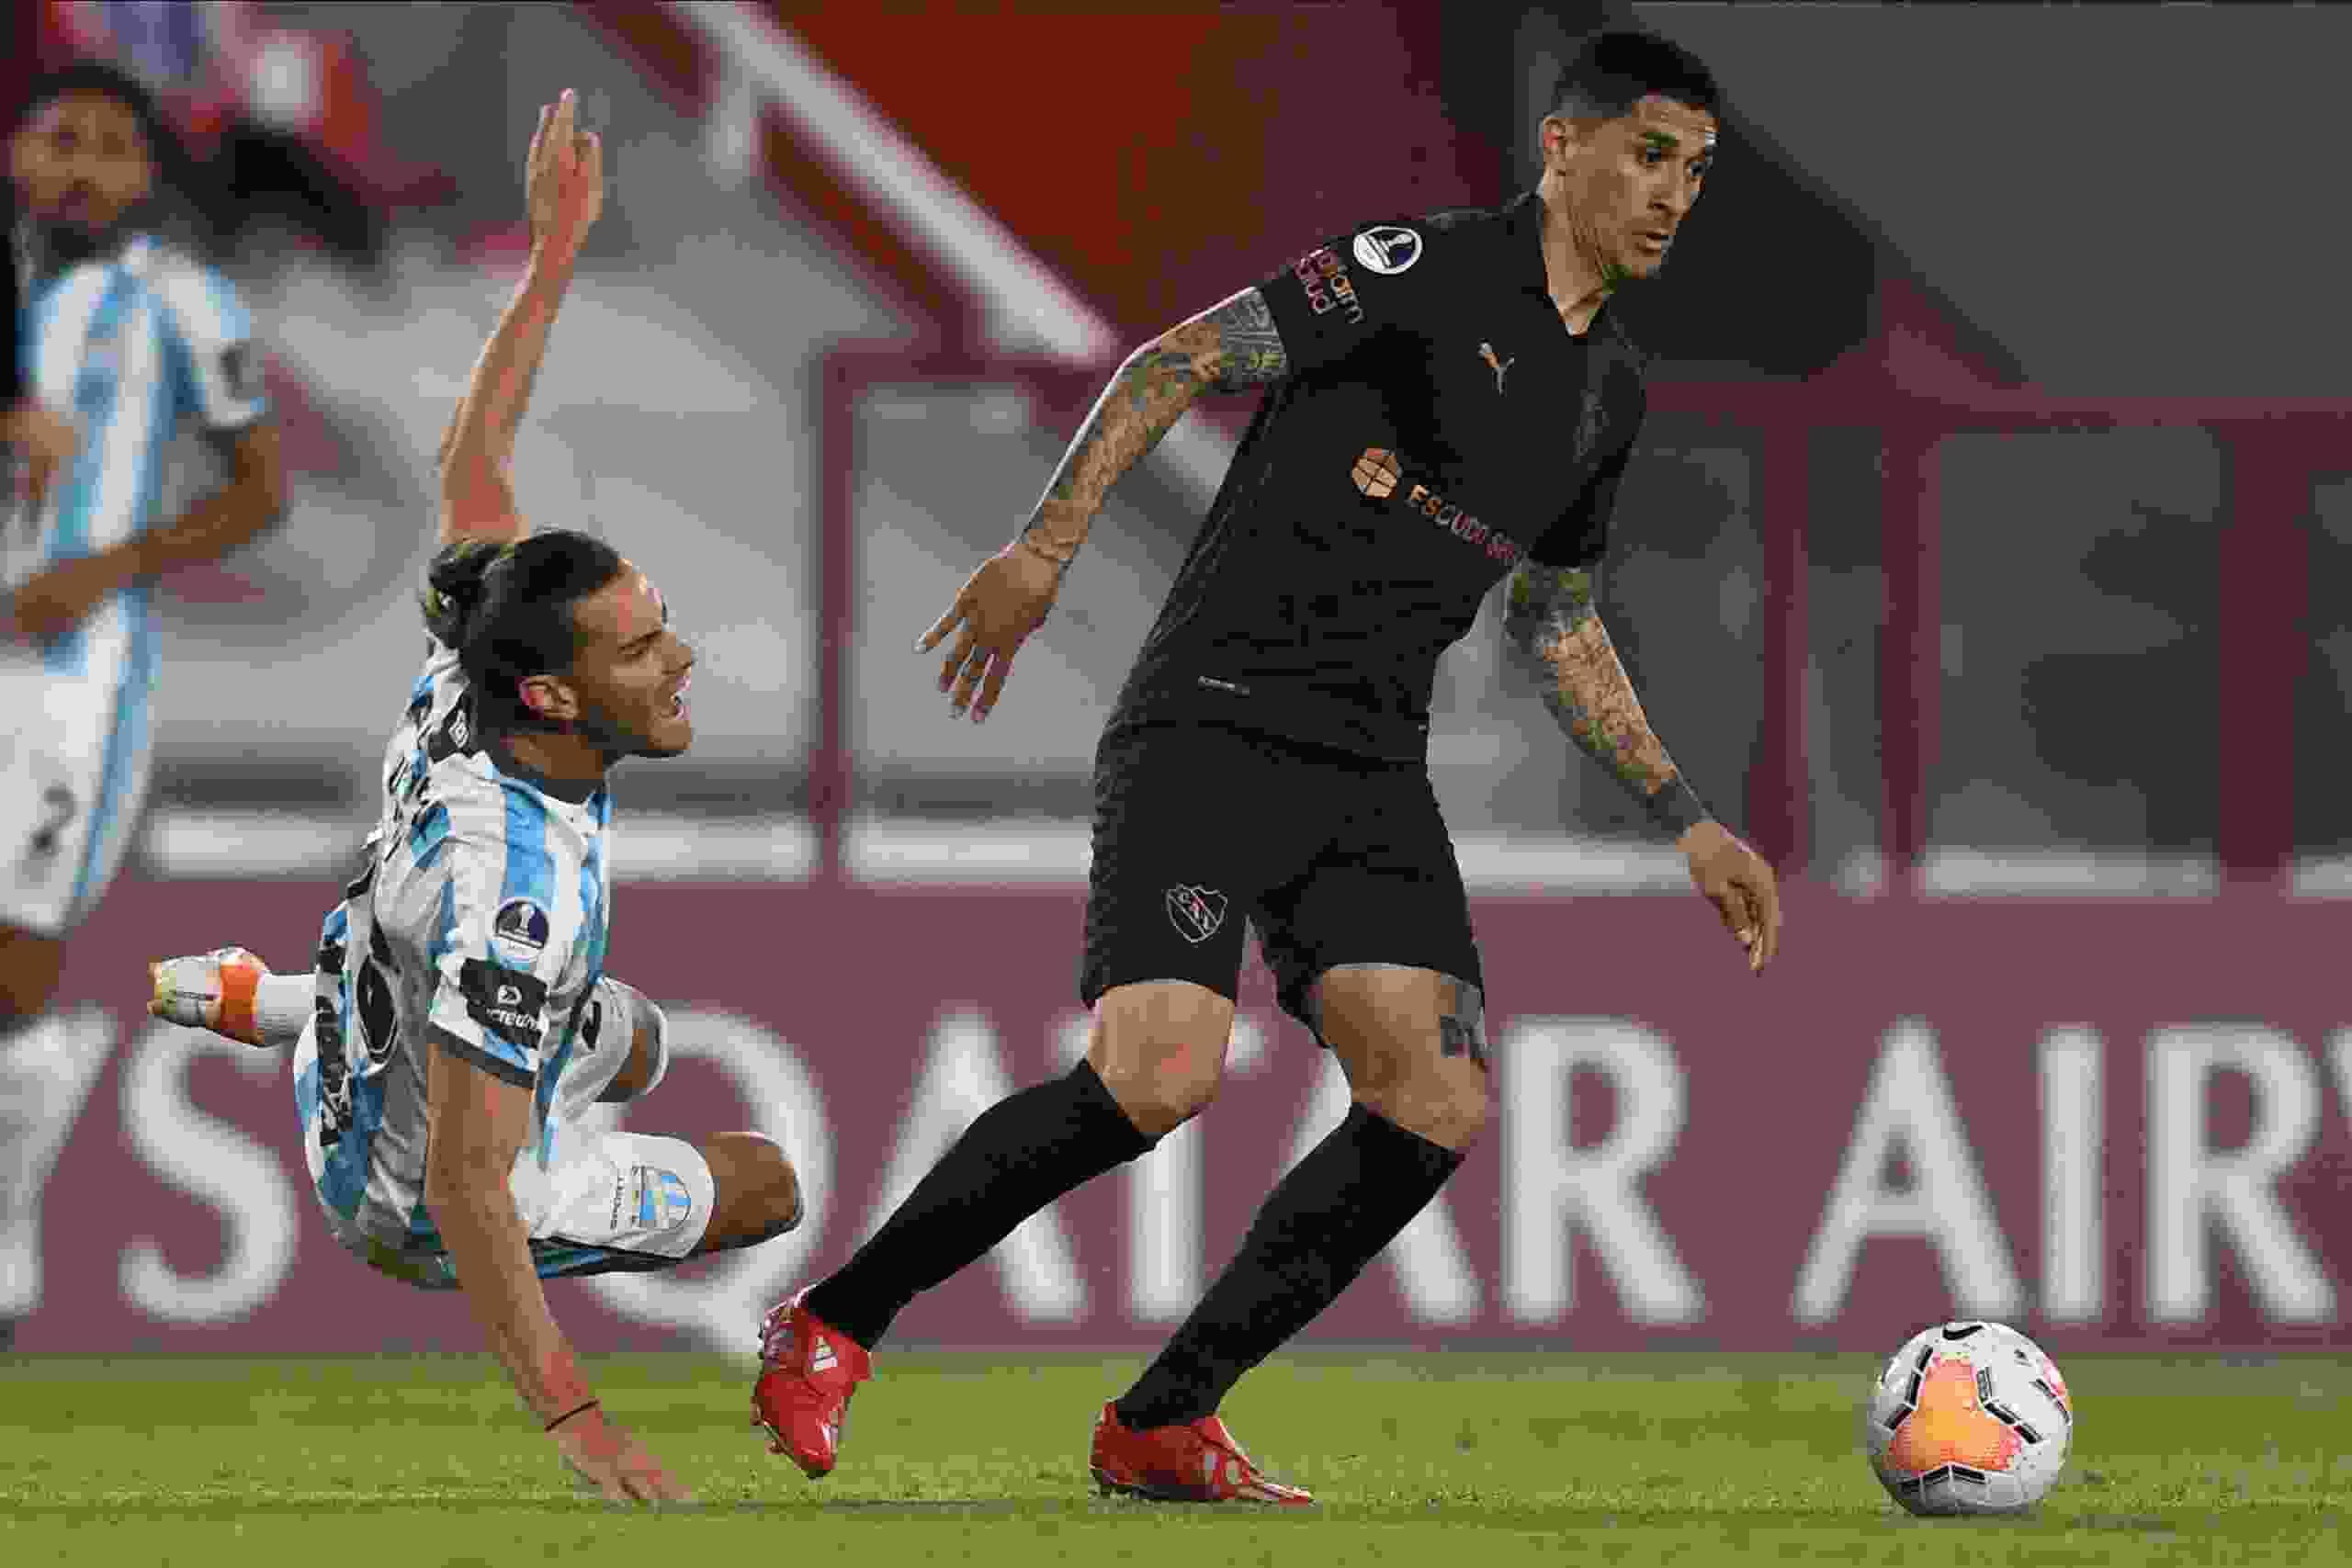 El Tucu Hernández no juega hace muchos partidos pero podría volver este fin de semana